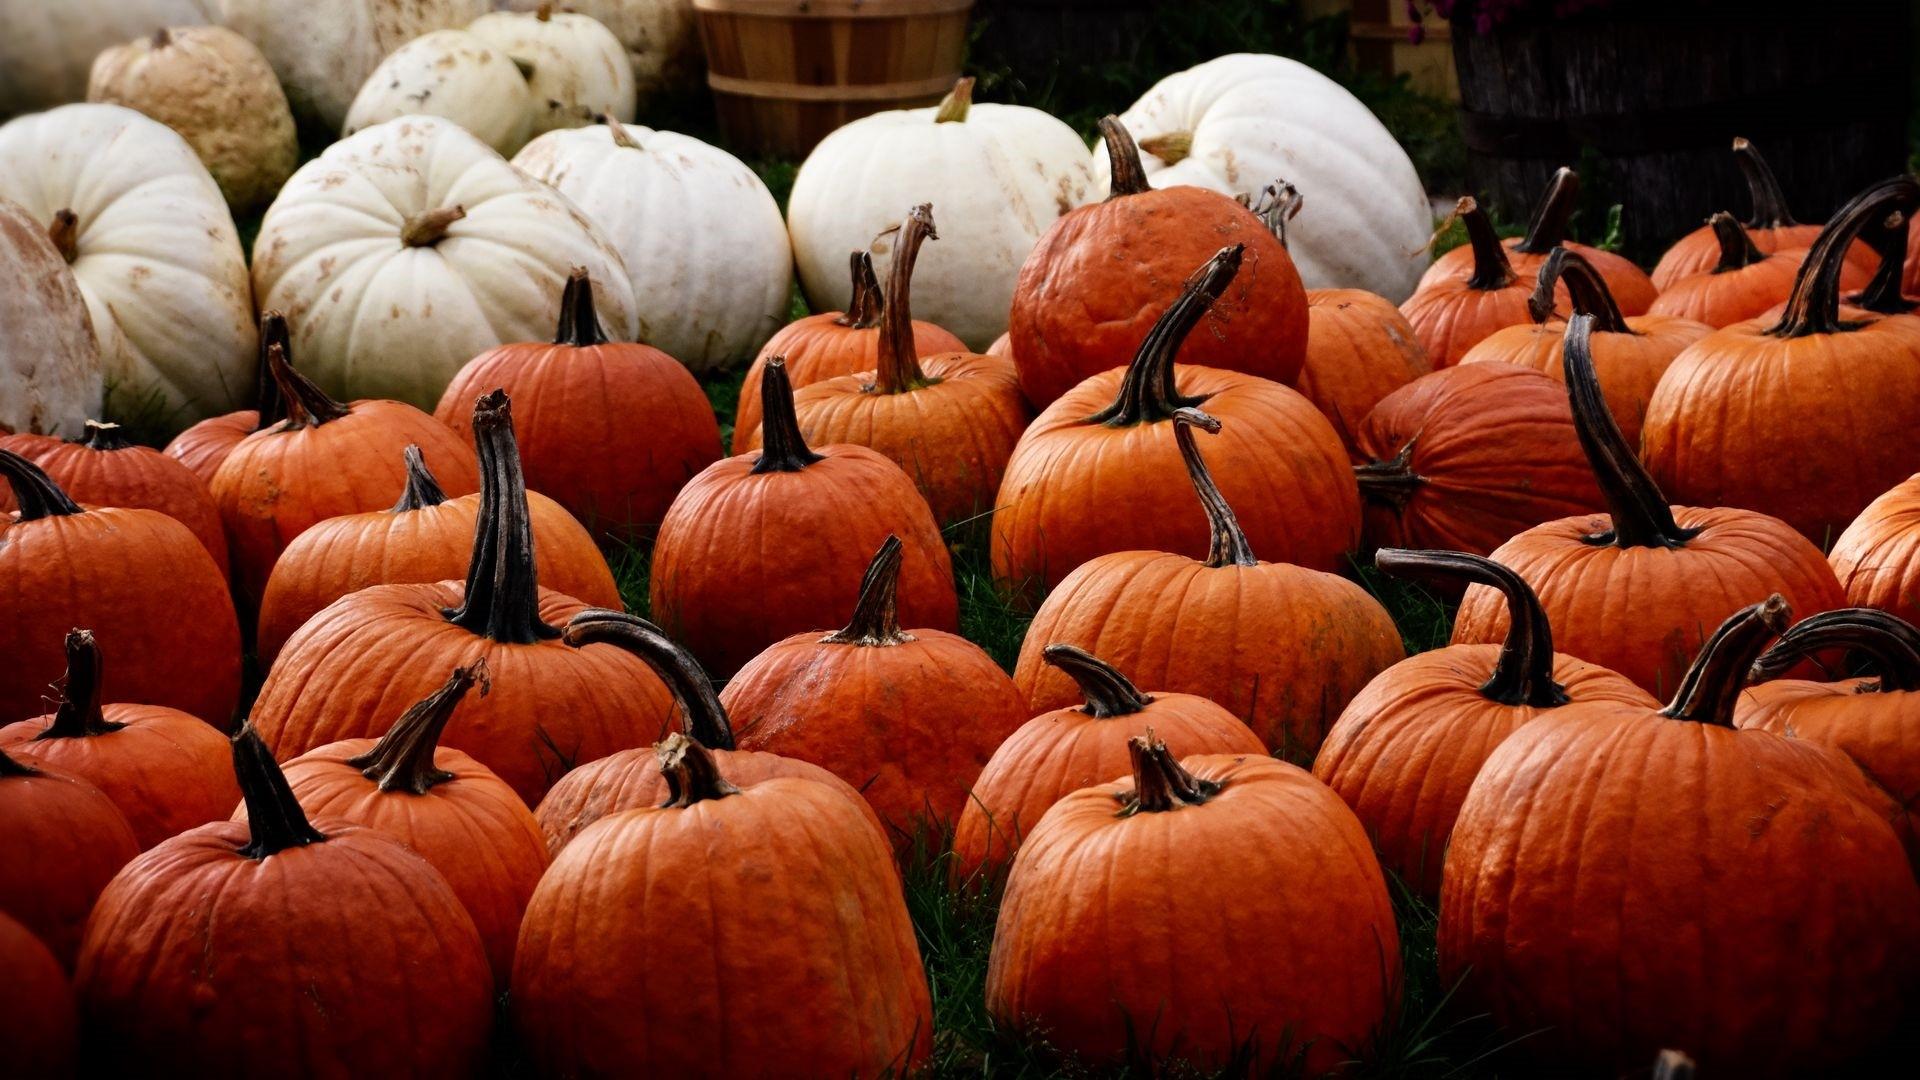 Pumpkin a wallpaper